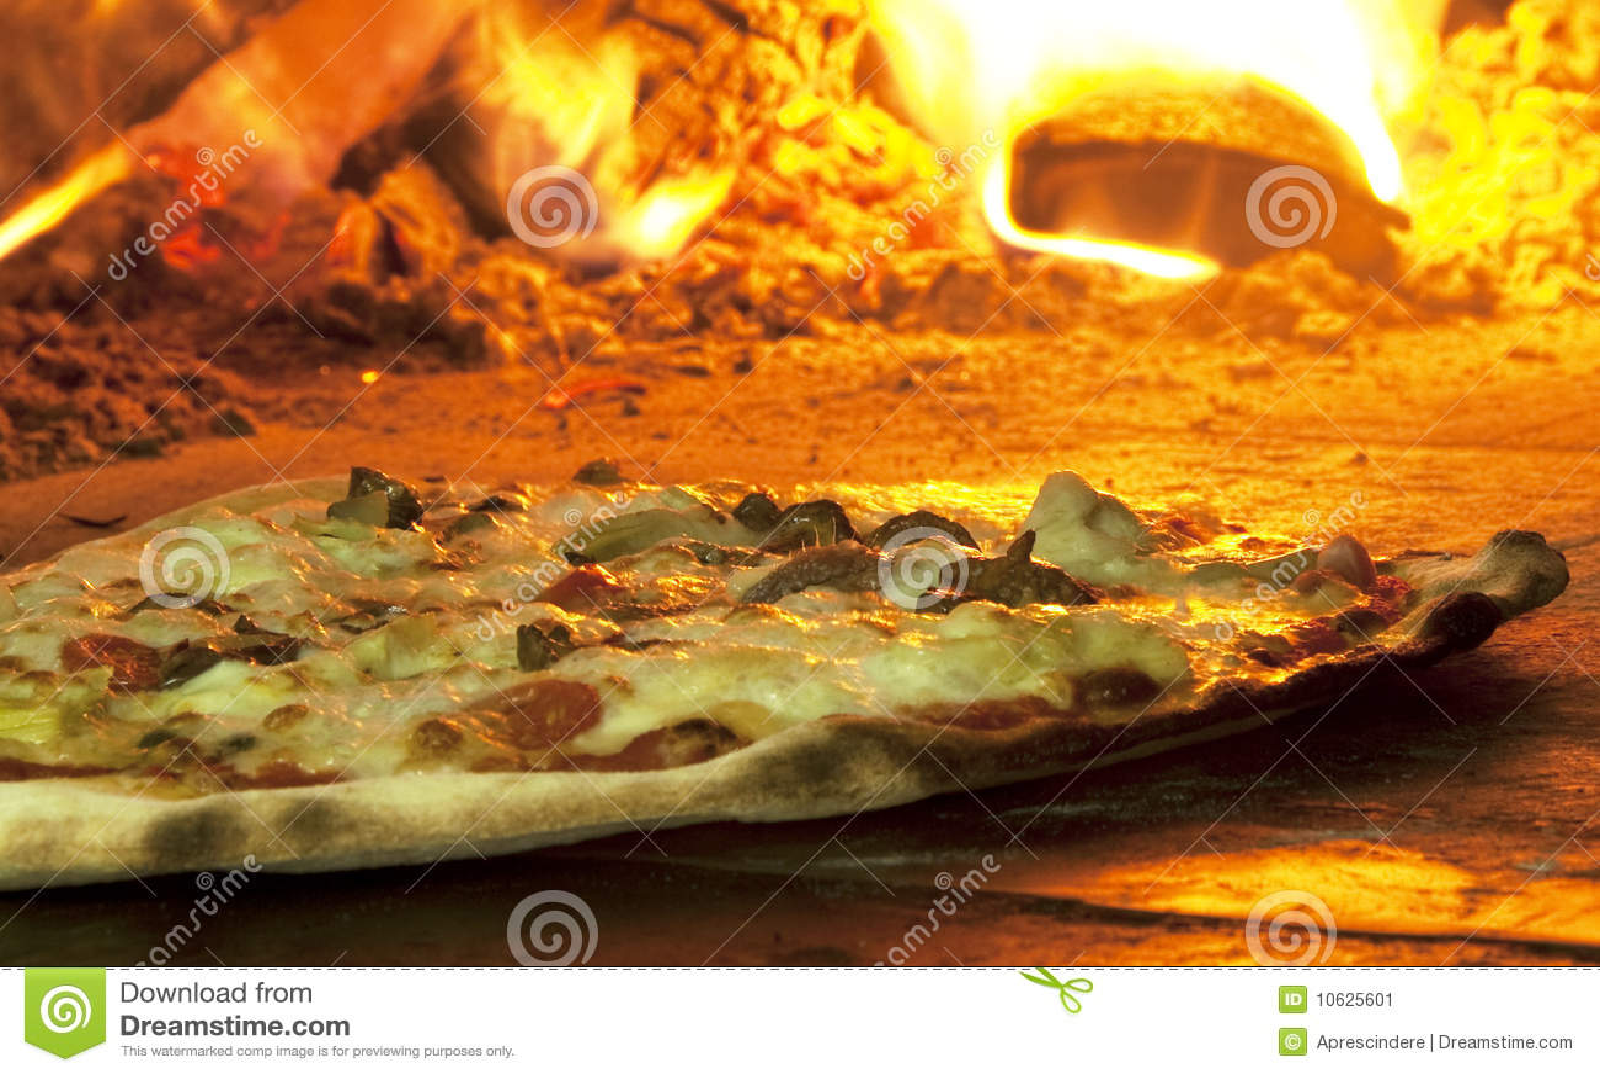 Italiaanse pizza in een houten brandende oven